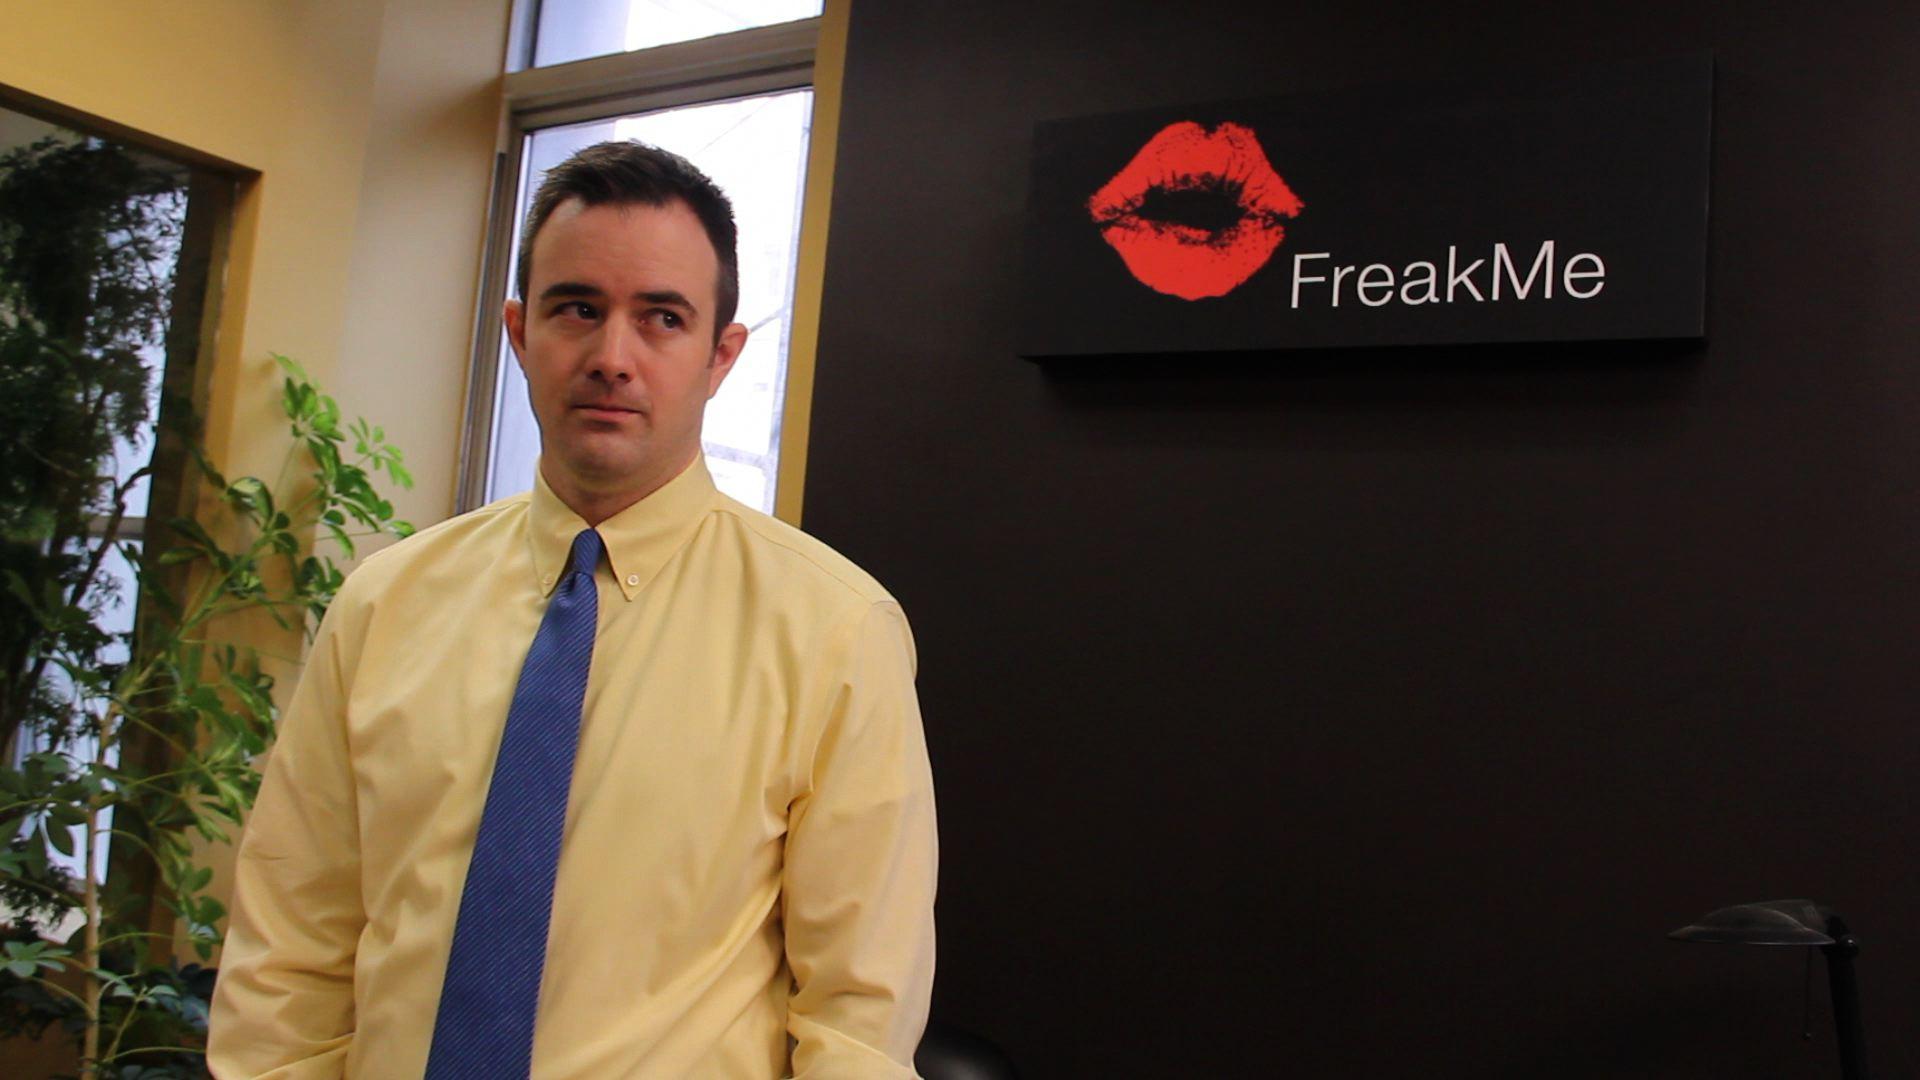 FreakMe